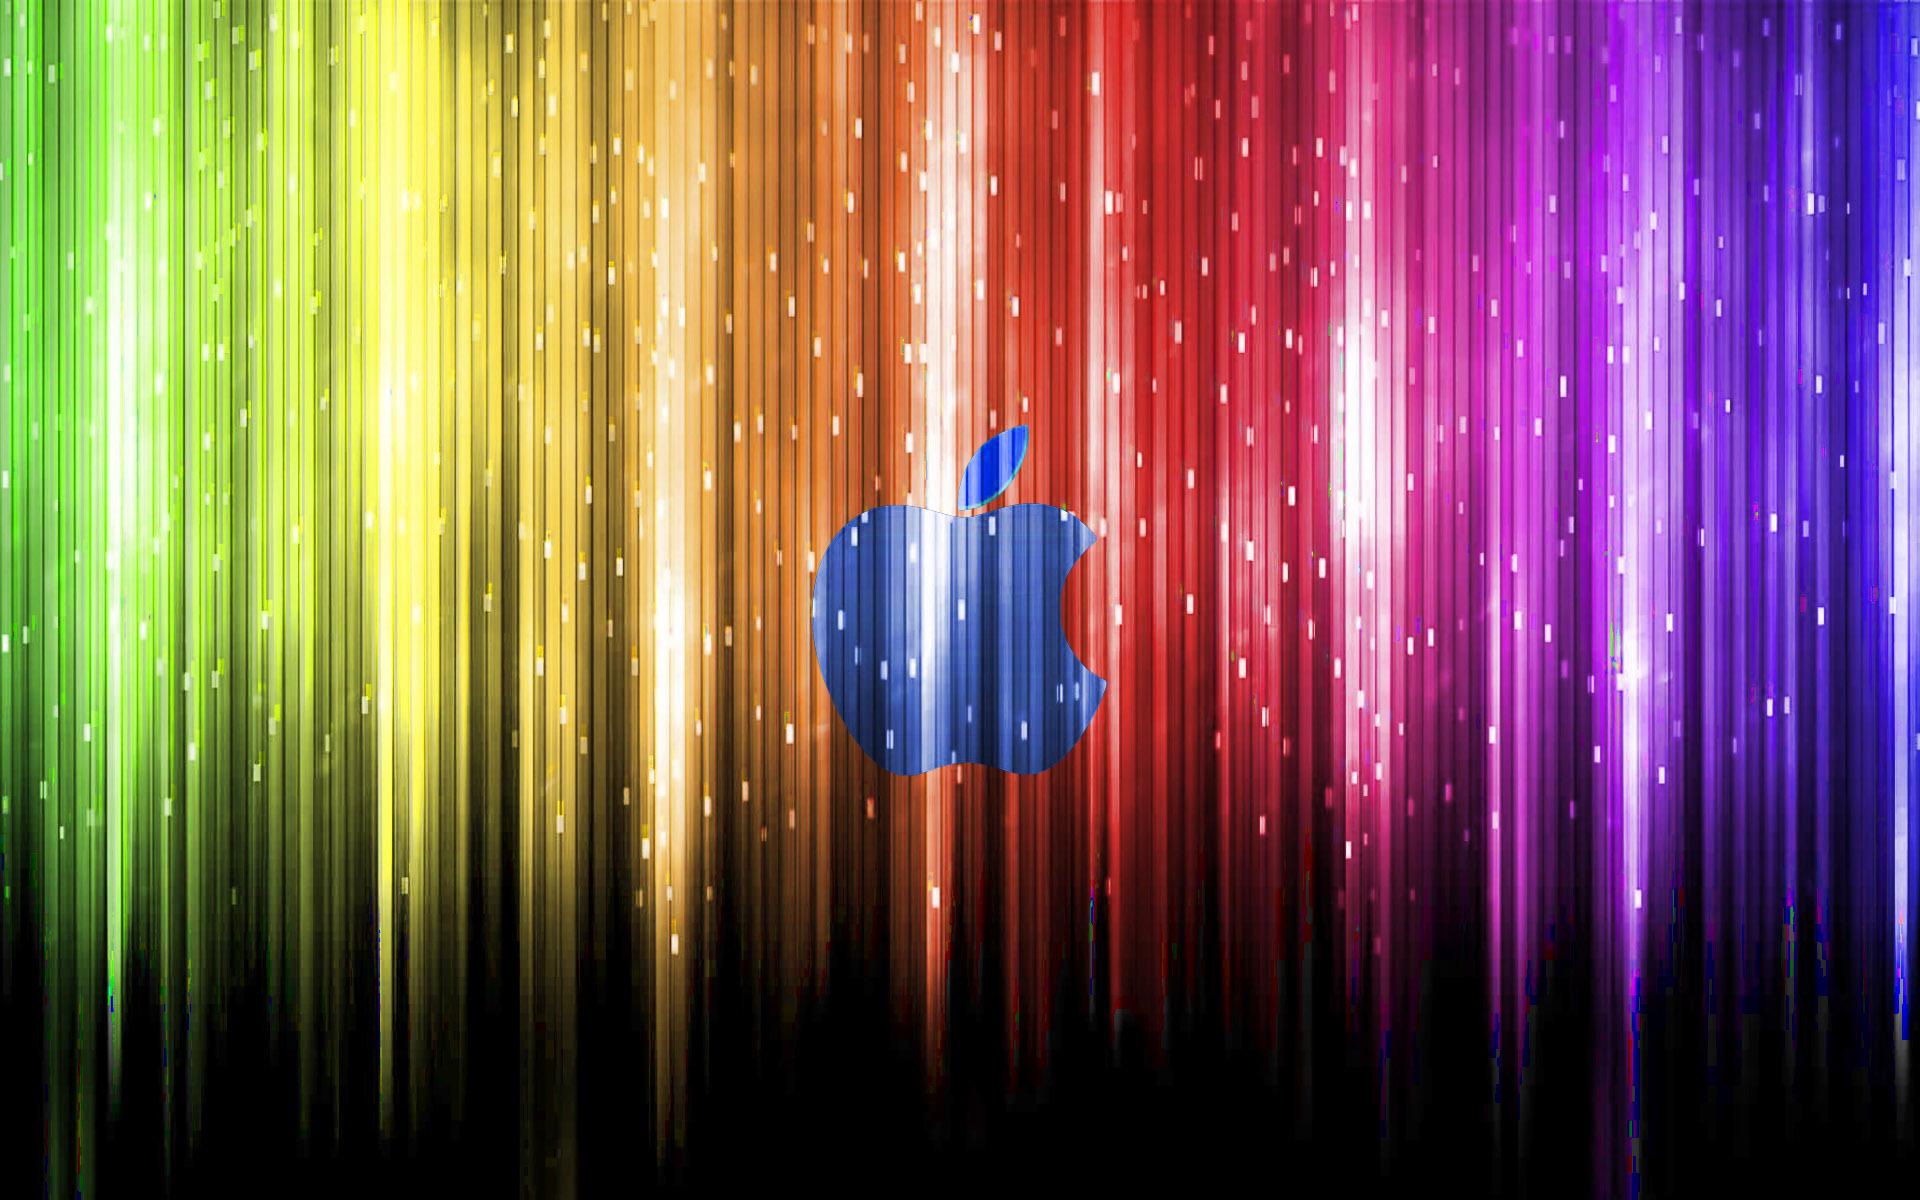 Wallpaper   Wallpaper apple mac animaatjes 12 1920x1200